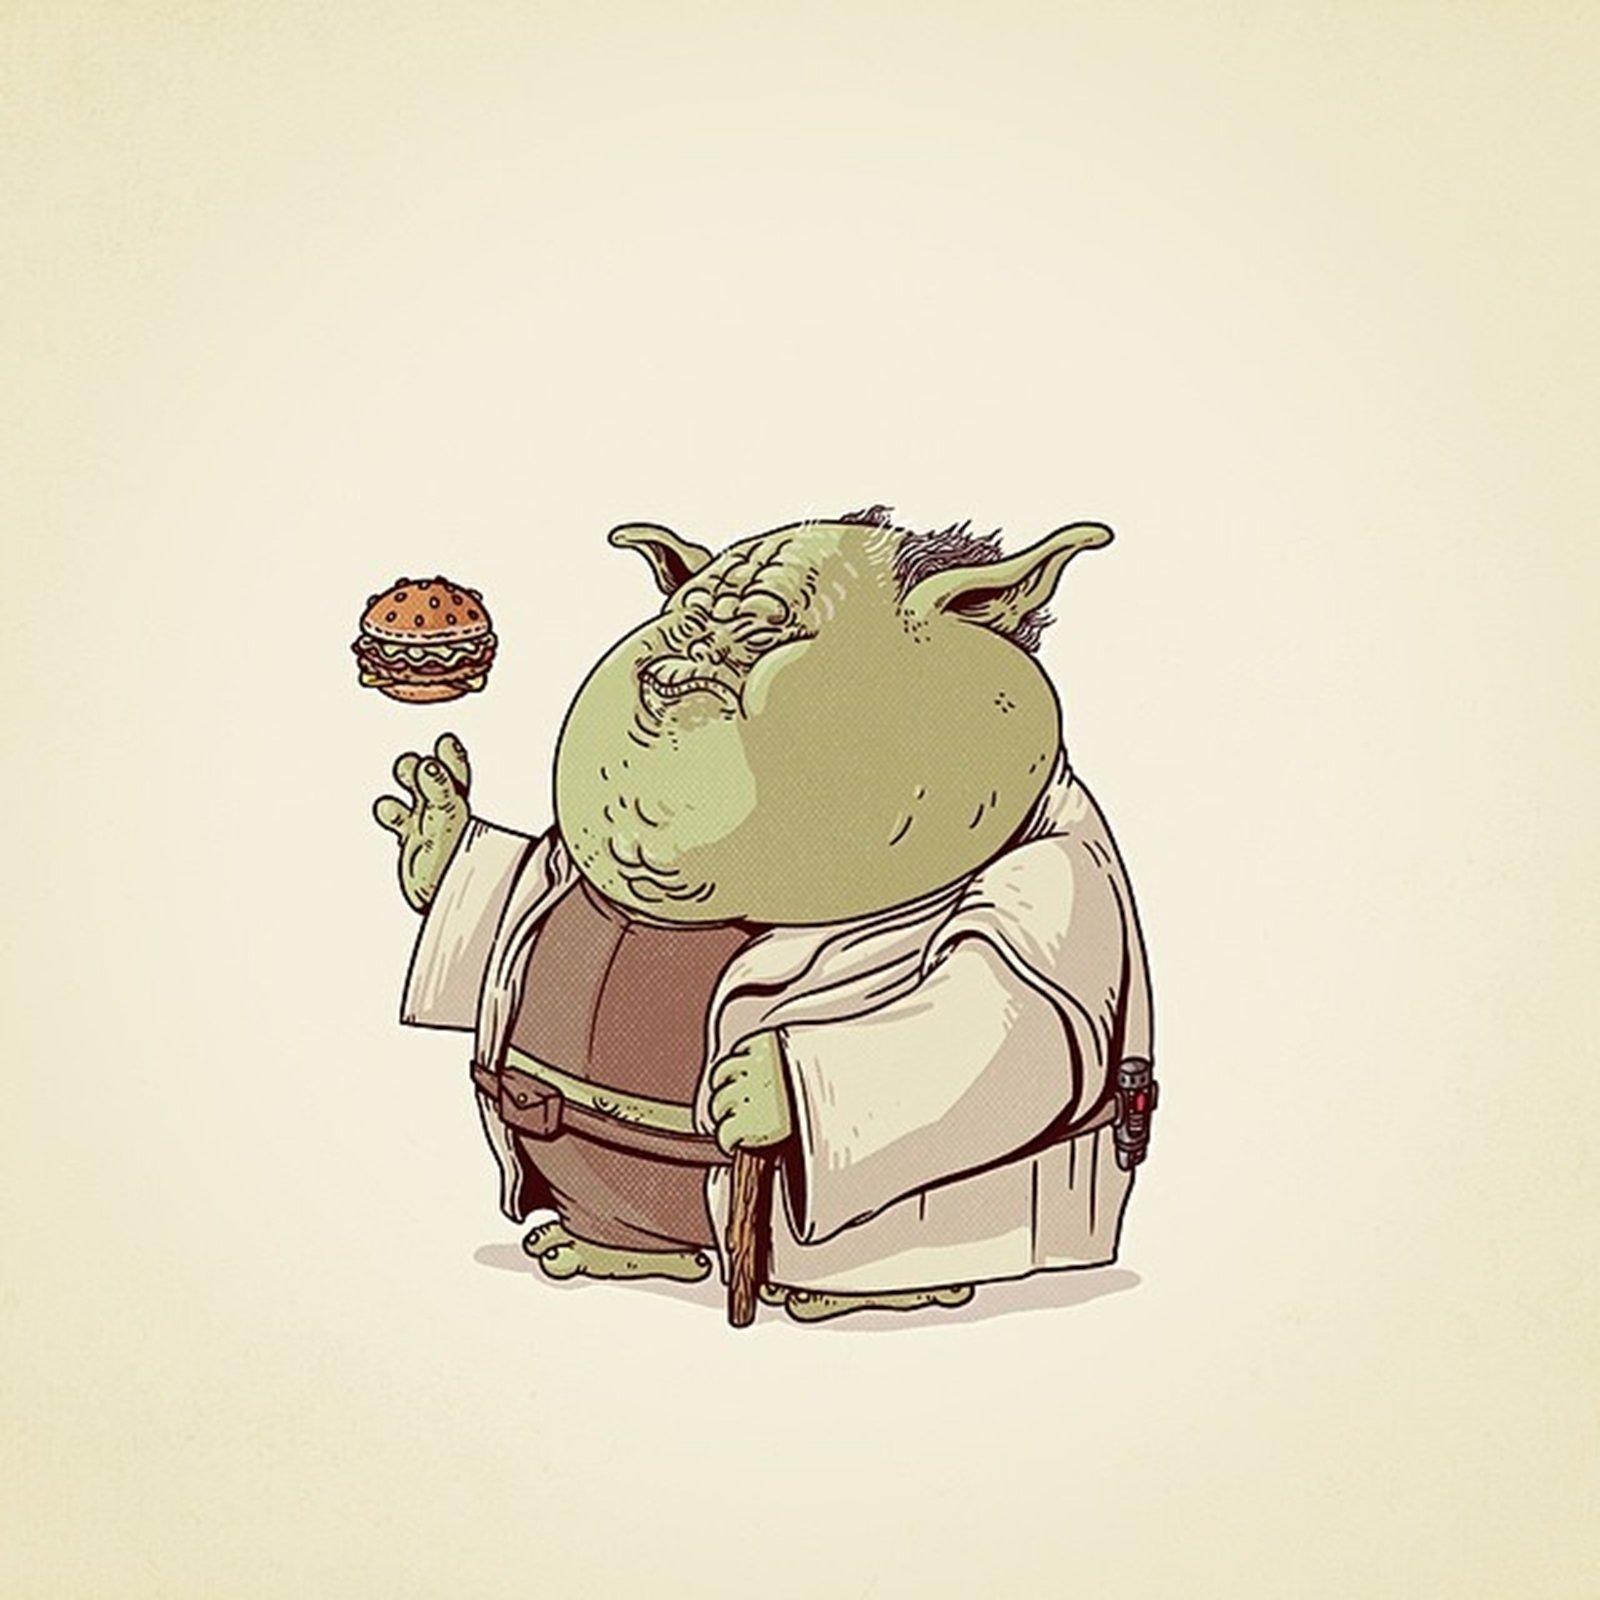 Yoda Character Design : Master yoda fat star wars movie sci fi alien wallpaper